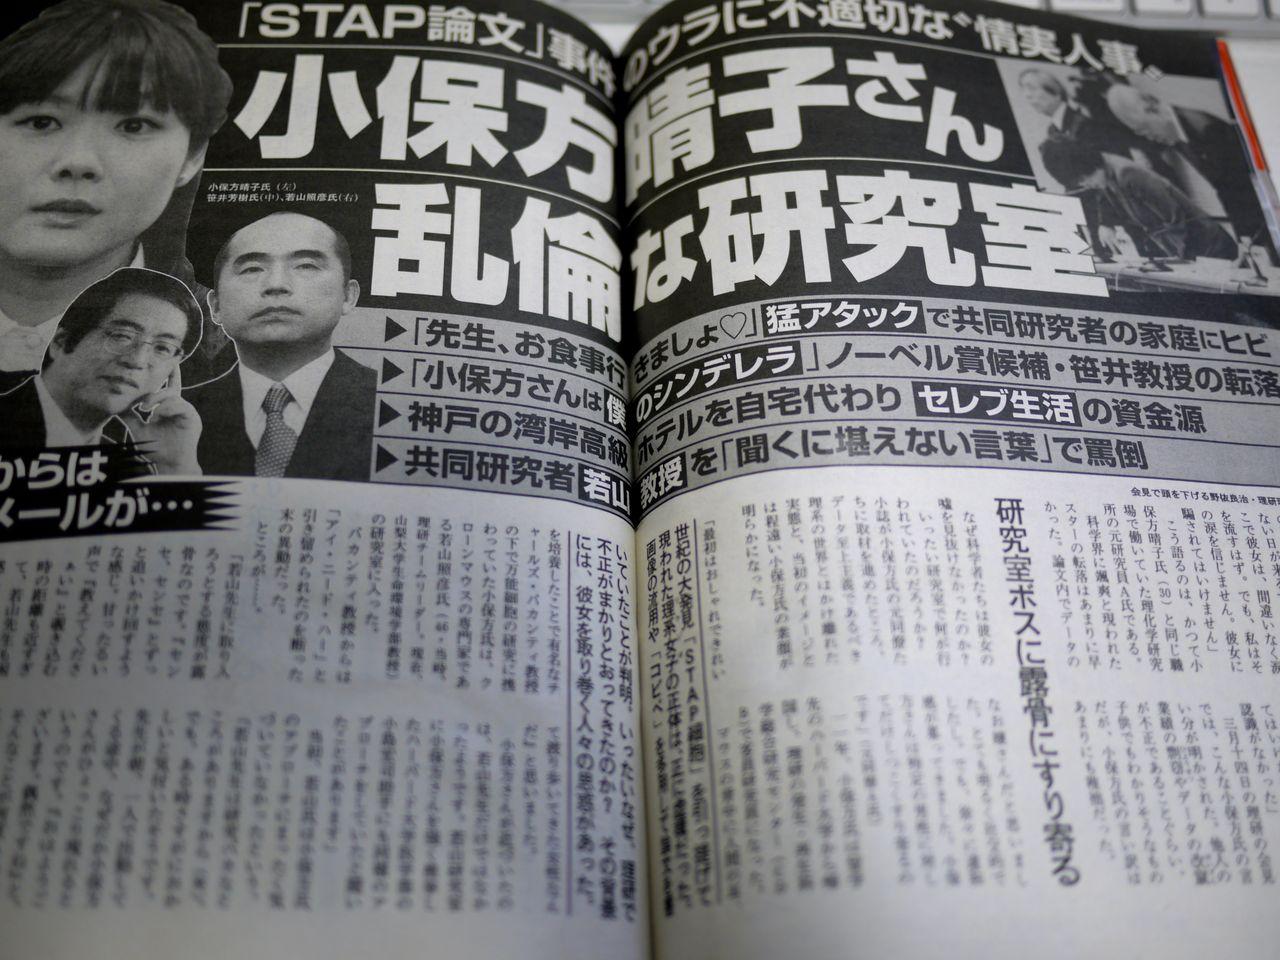 【悲報】日本政府「わが国の国際的な地位は低下していると言わざるを得ない」  科学技術白書  [427640967]YouTube動画>1本 ->画像>21枚